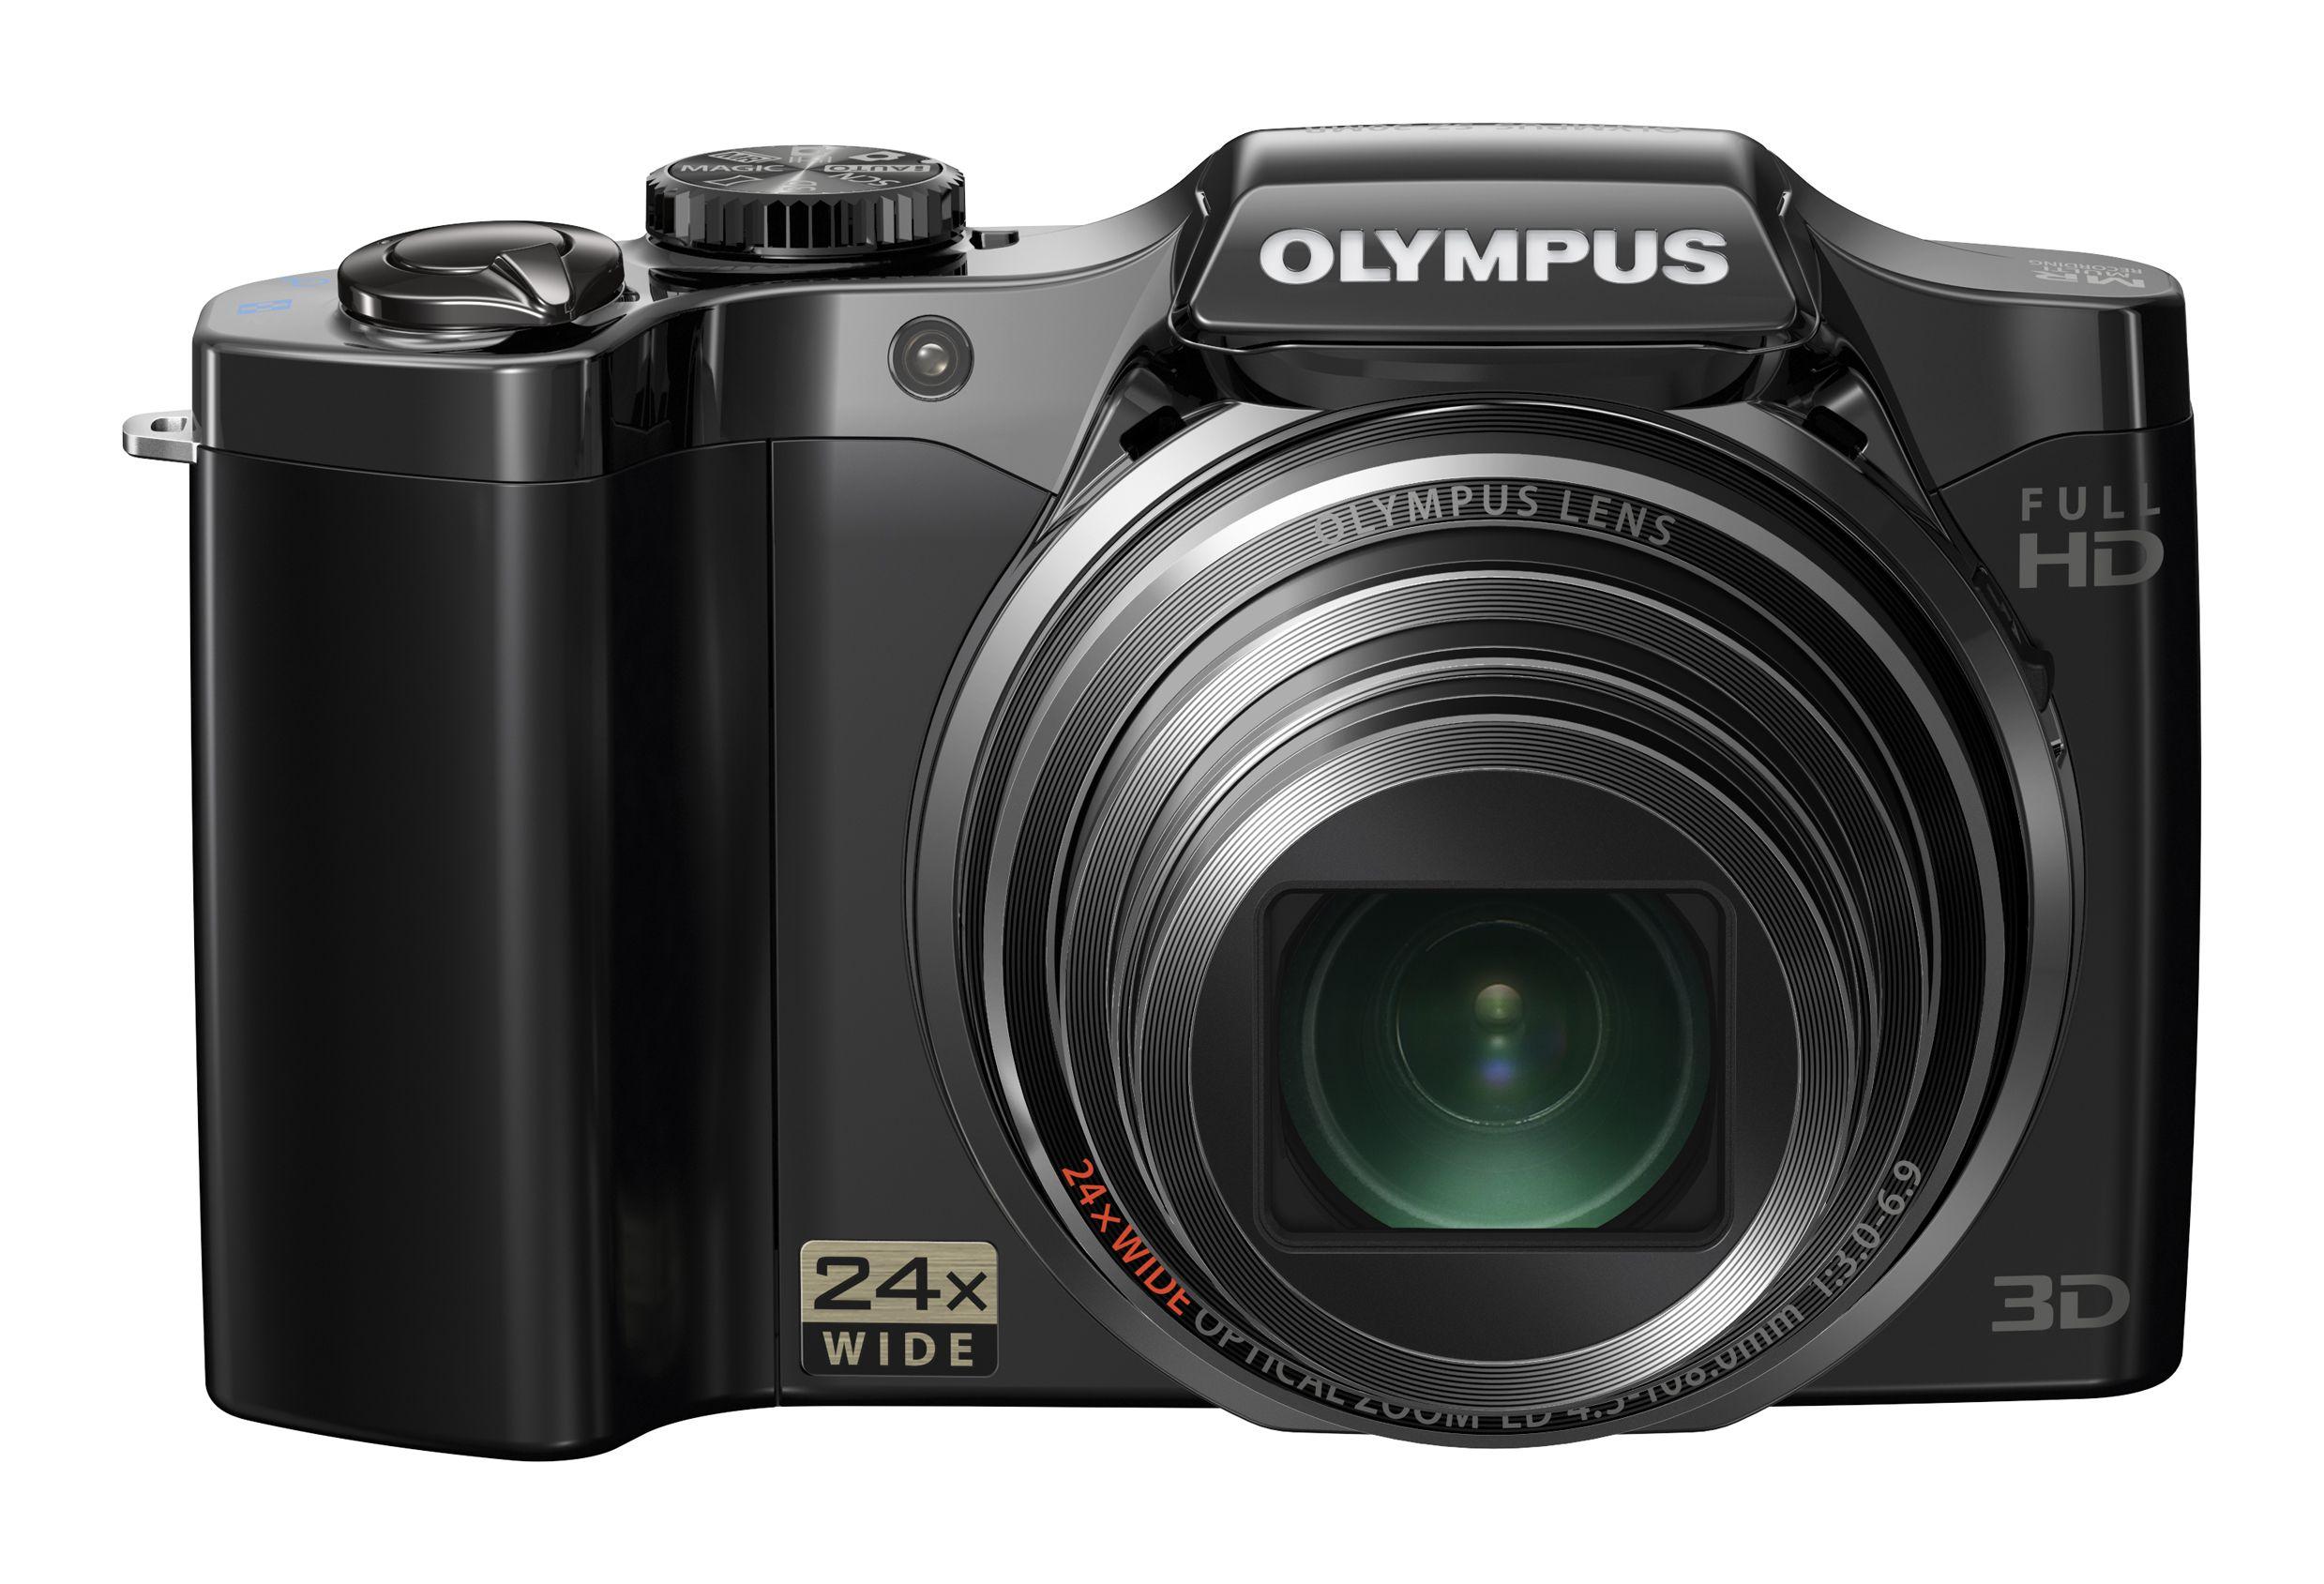 Olympus SZ-30 med 24x zoom.